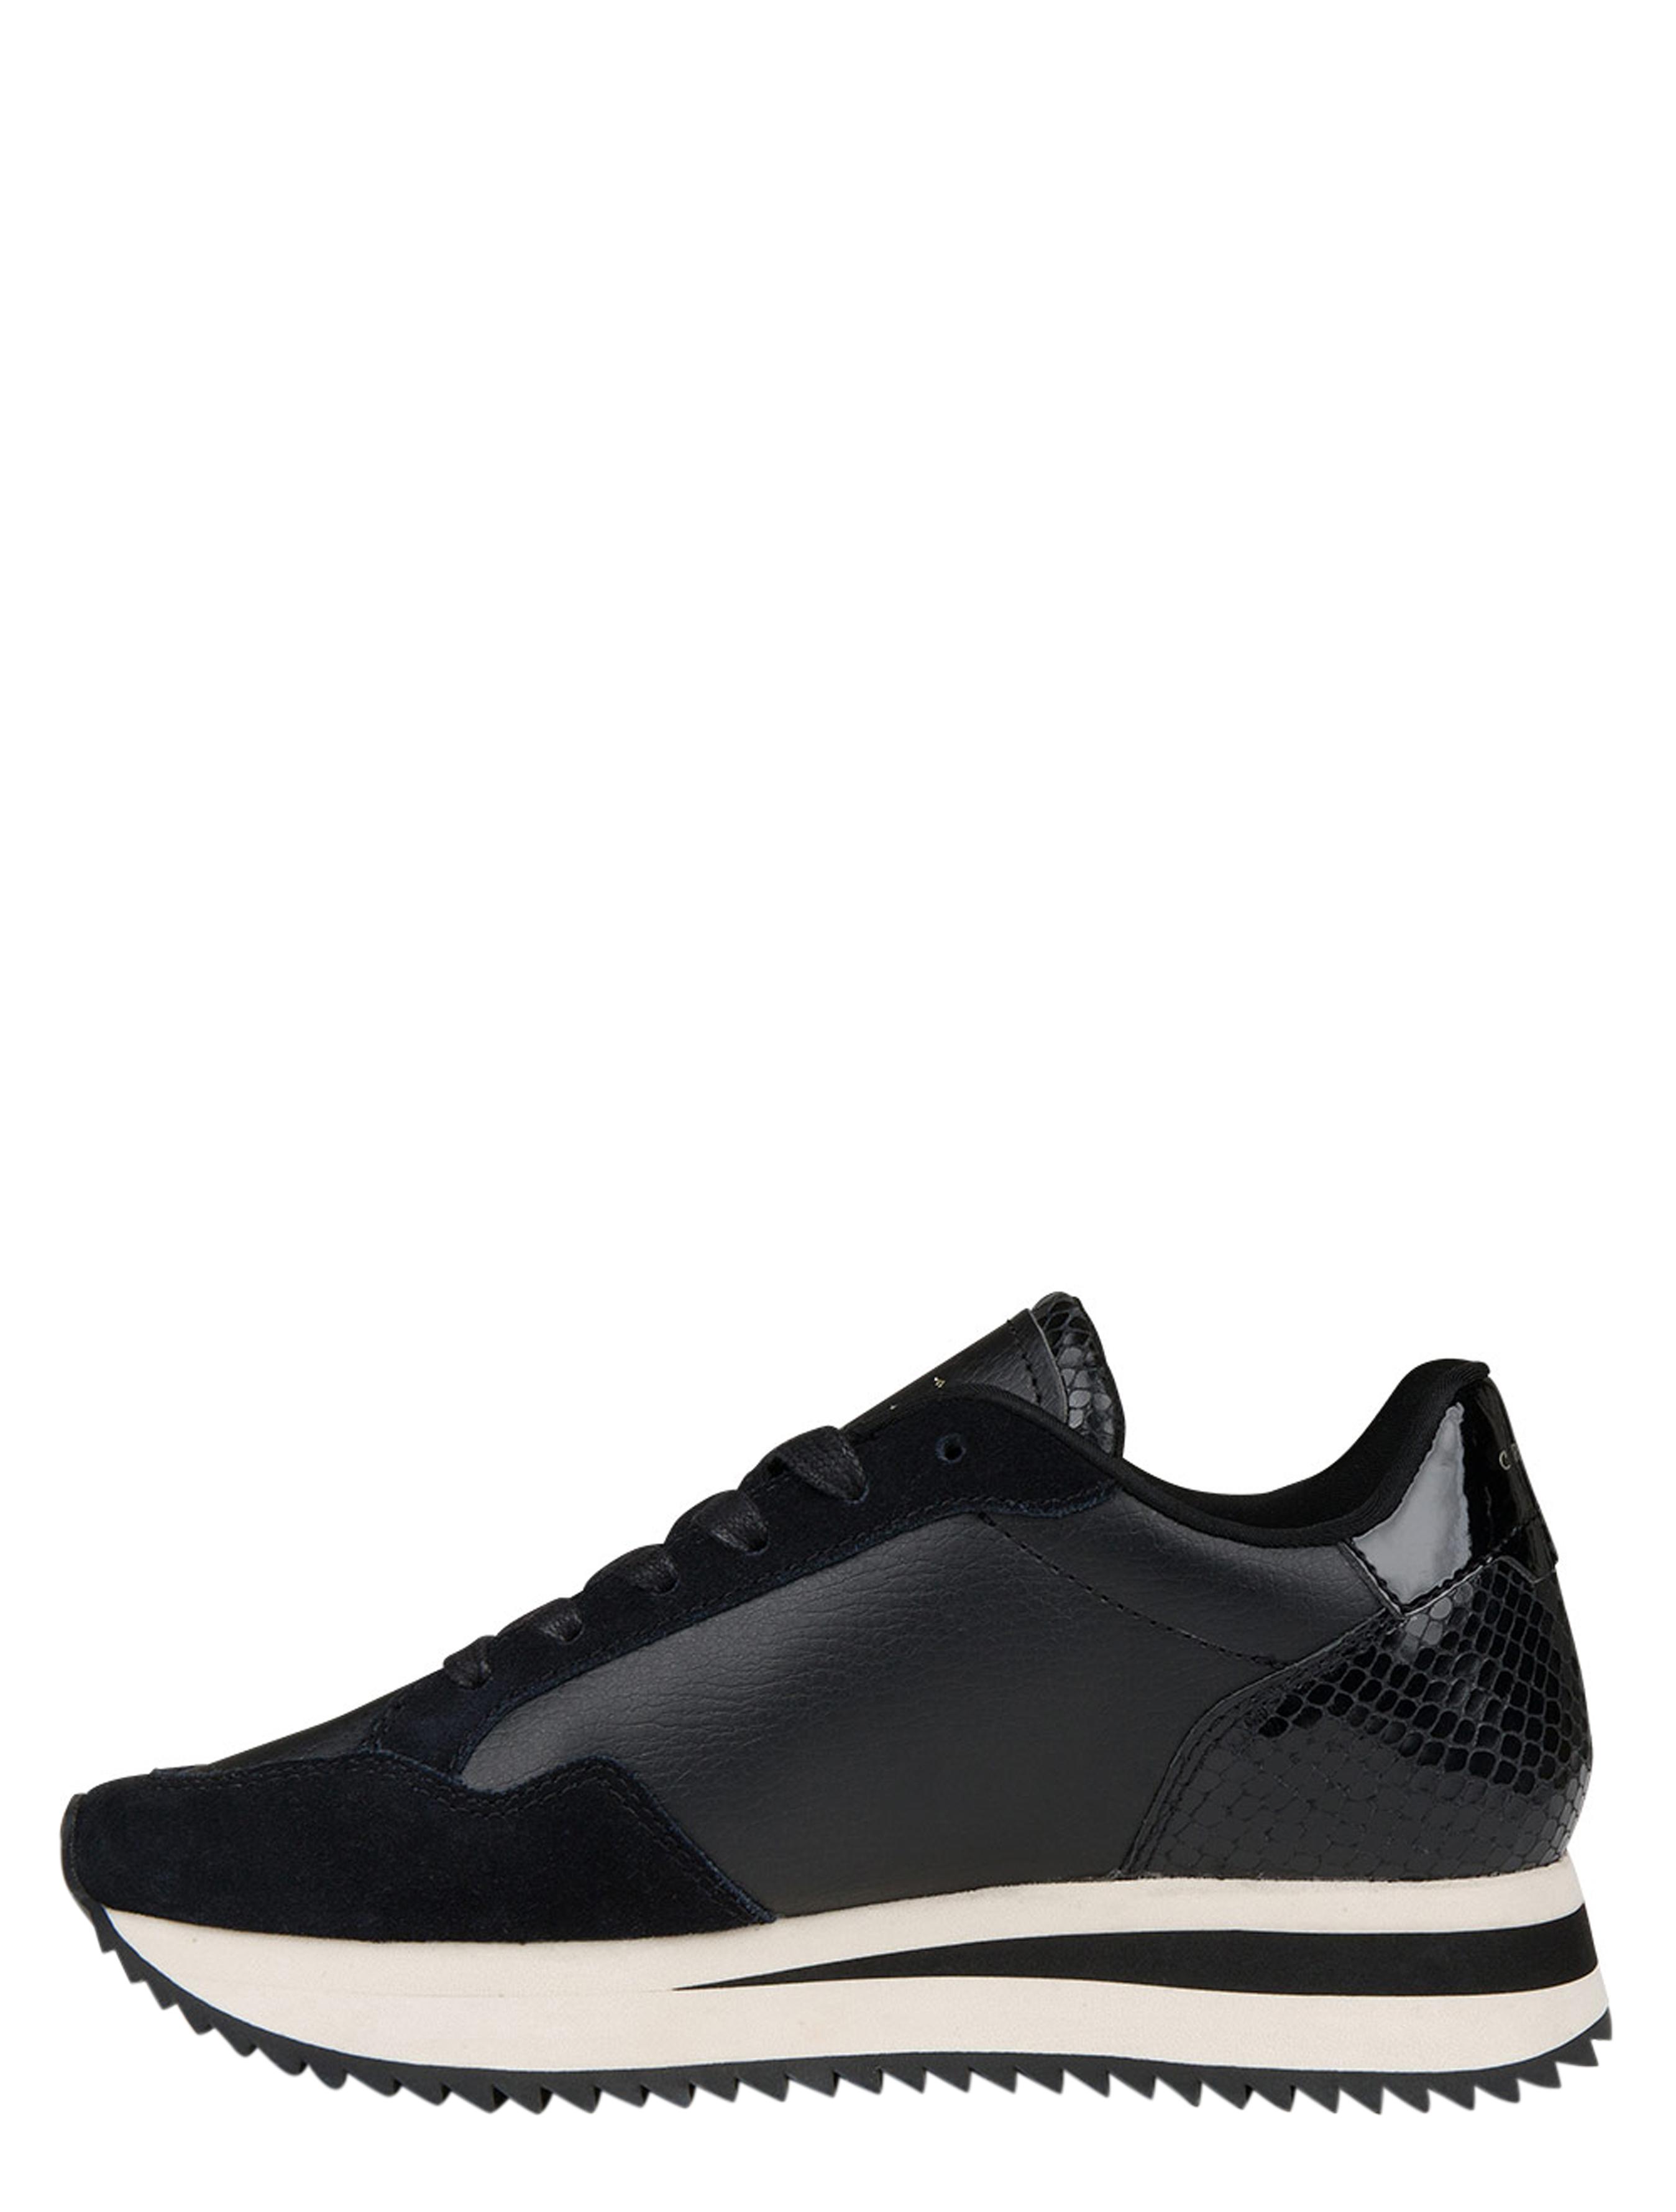 Cruyff Sierra Black Platform sneakers